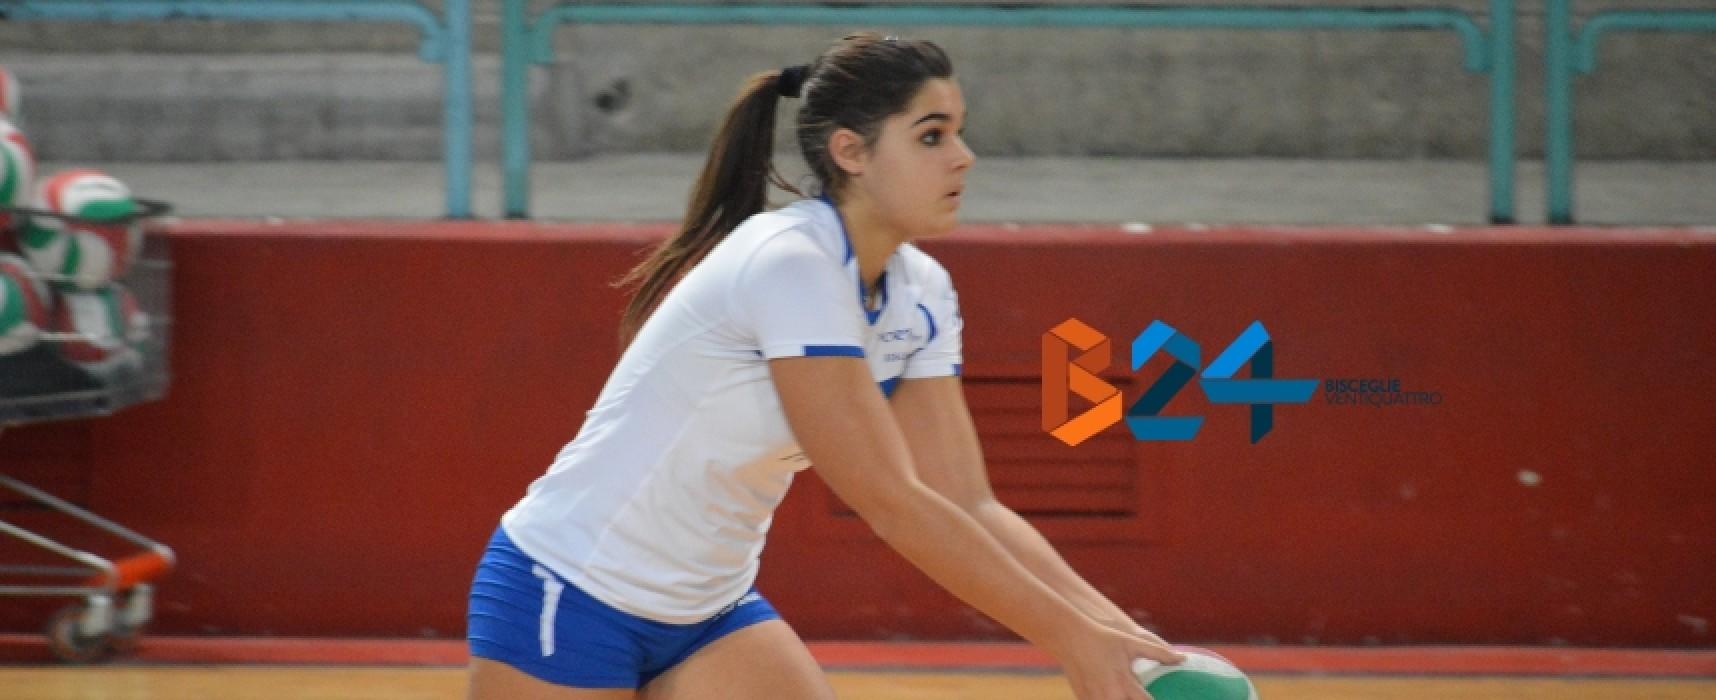 Sportilia, i playoff entrano nel vivo: stasera la sfida contro la Sebilot Manfredonia